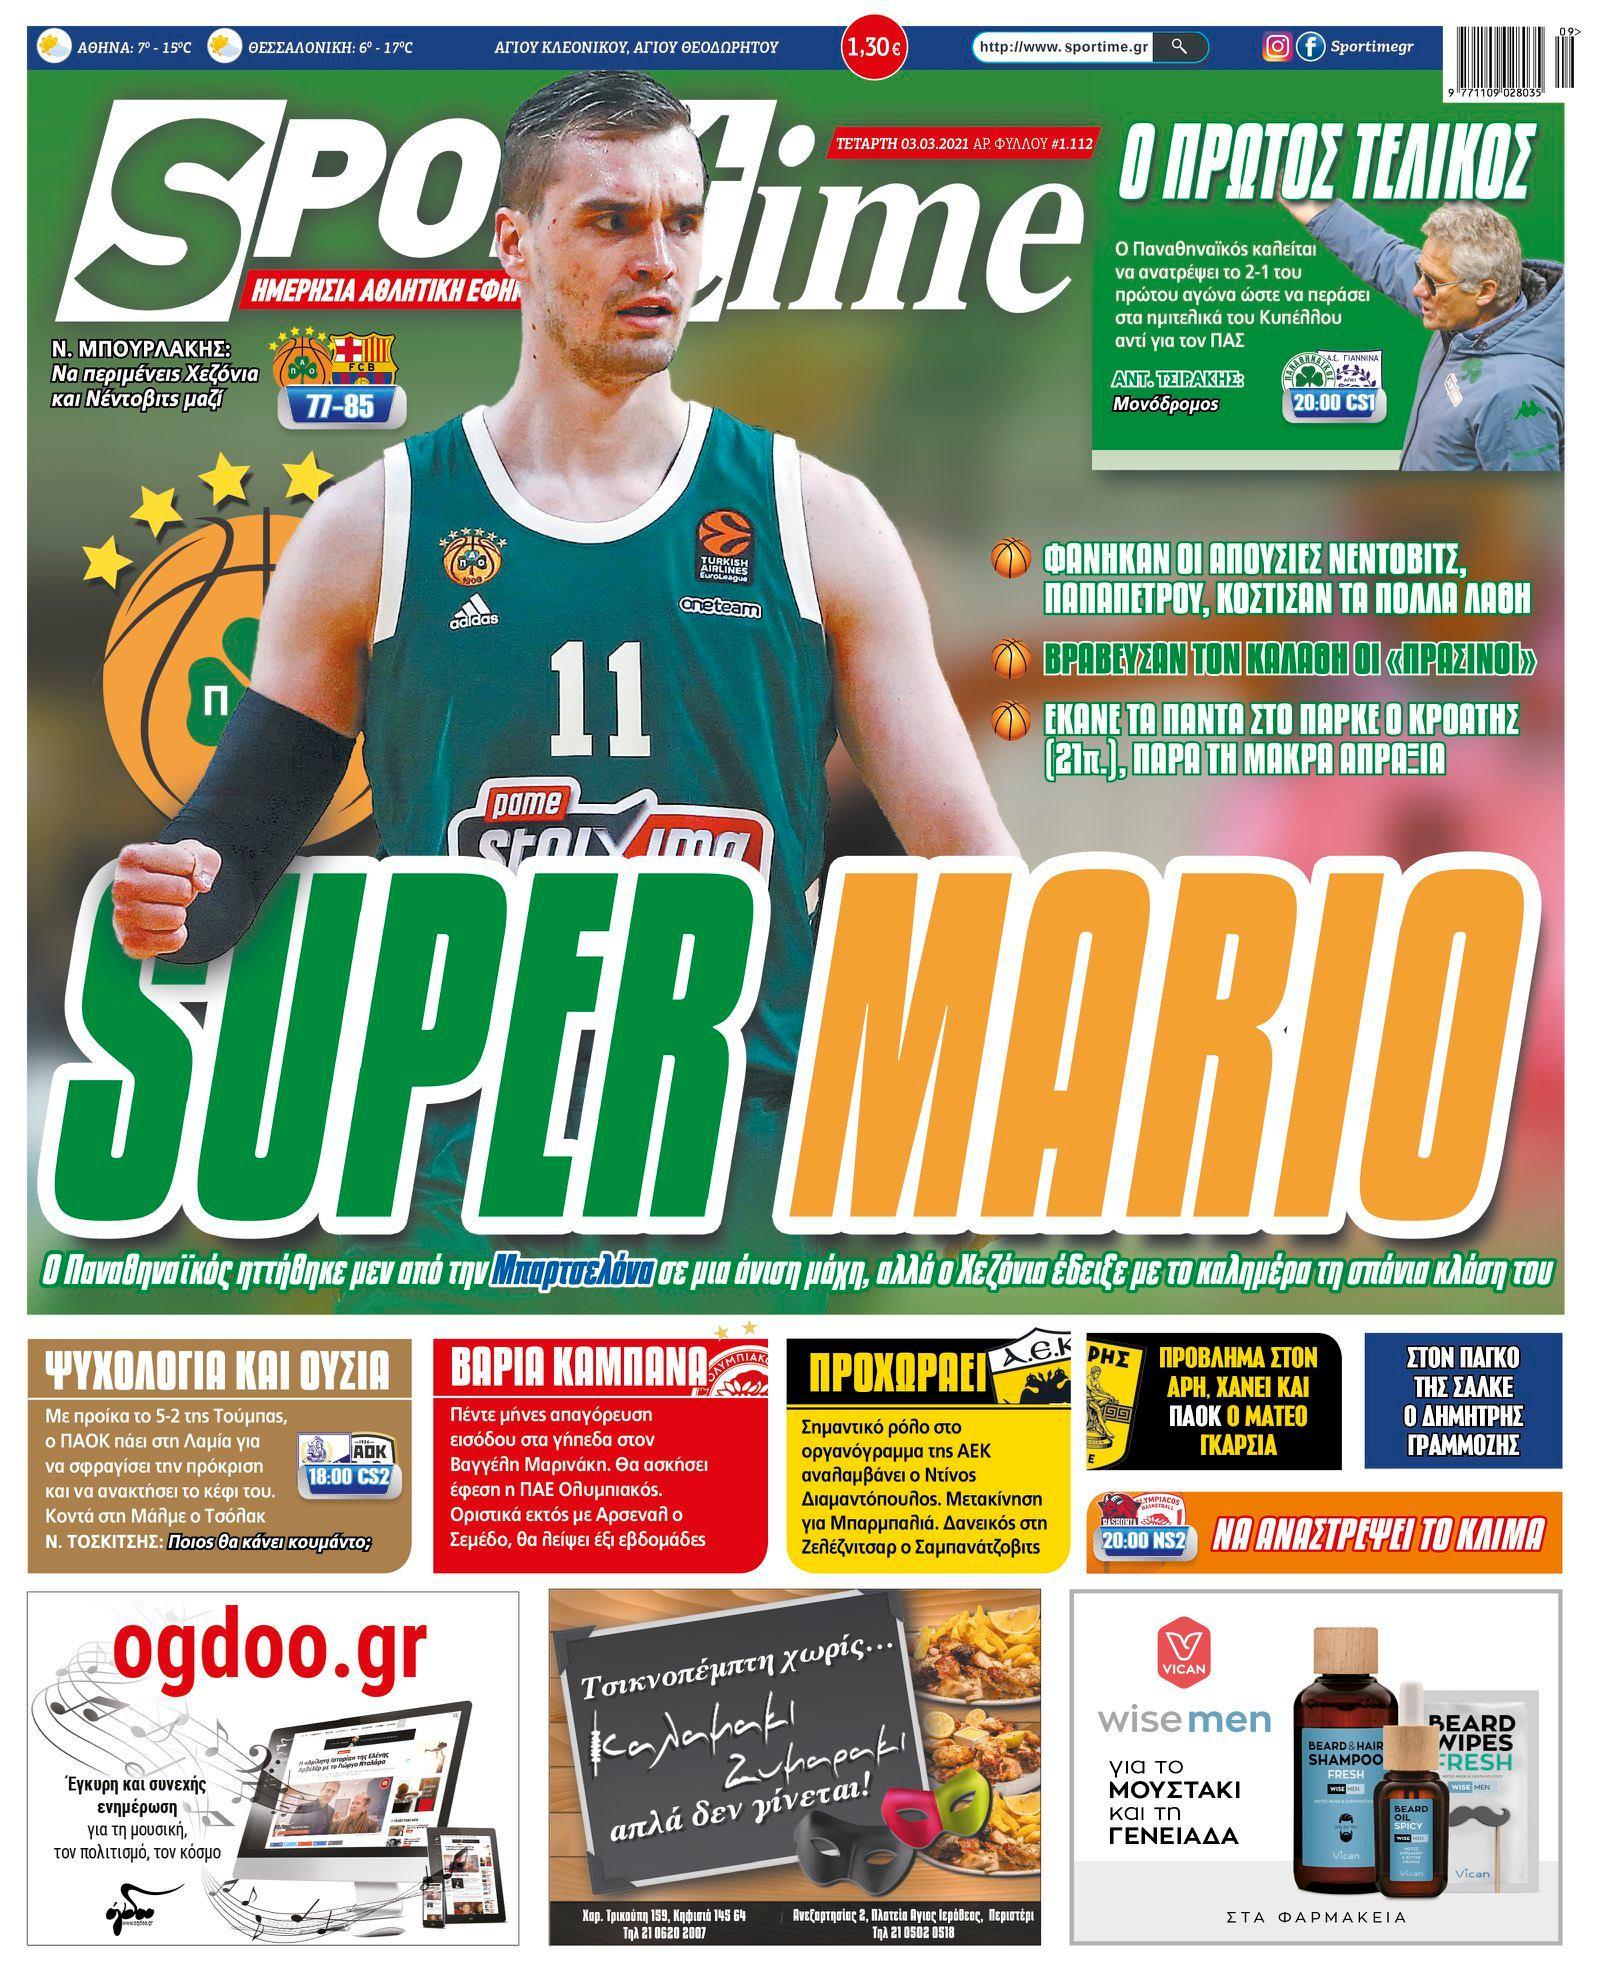 Εφημερίδα SPORTIME - Εξώφυλλο φύλλου 3/3/2021